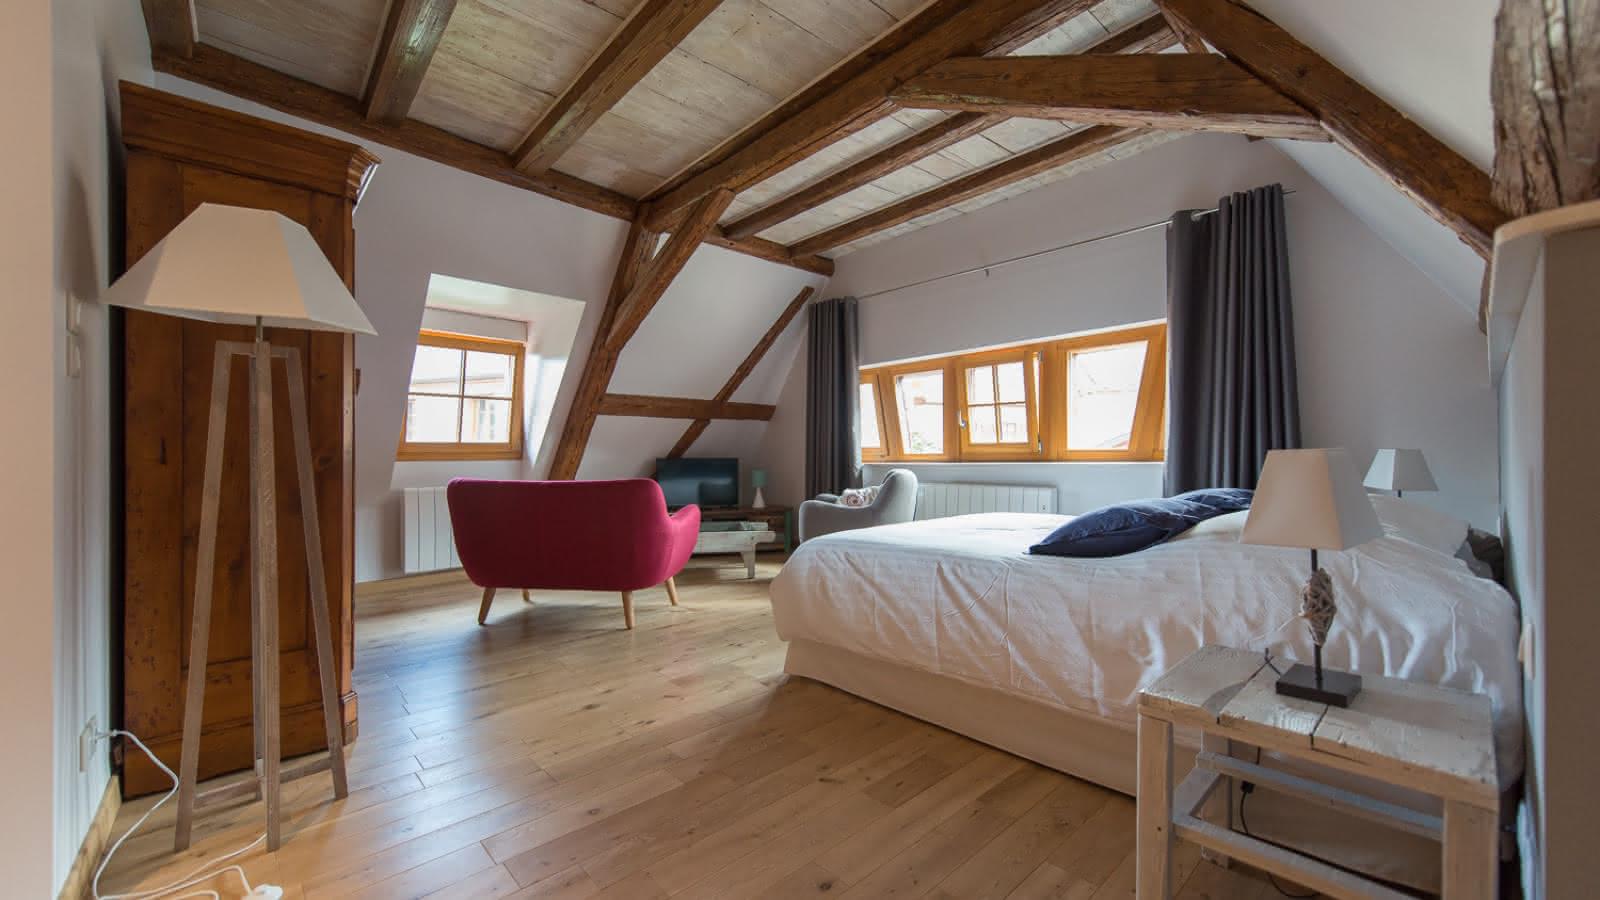 Chambres D Hotes La Maison D Emilie Visit Alsace